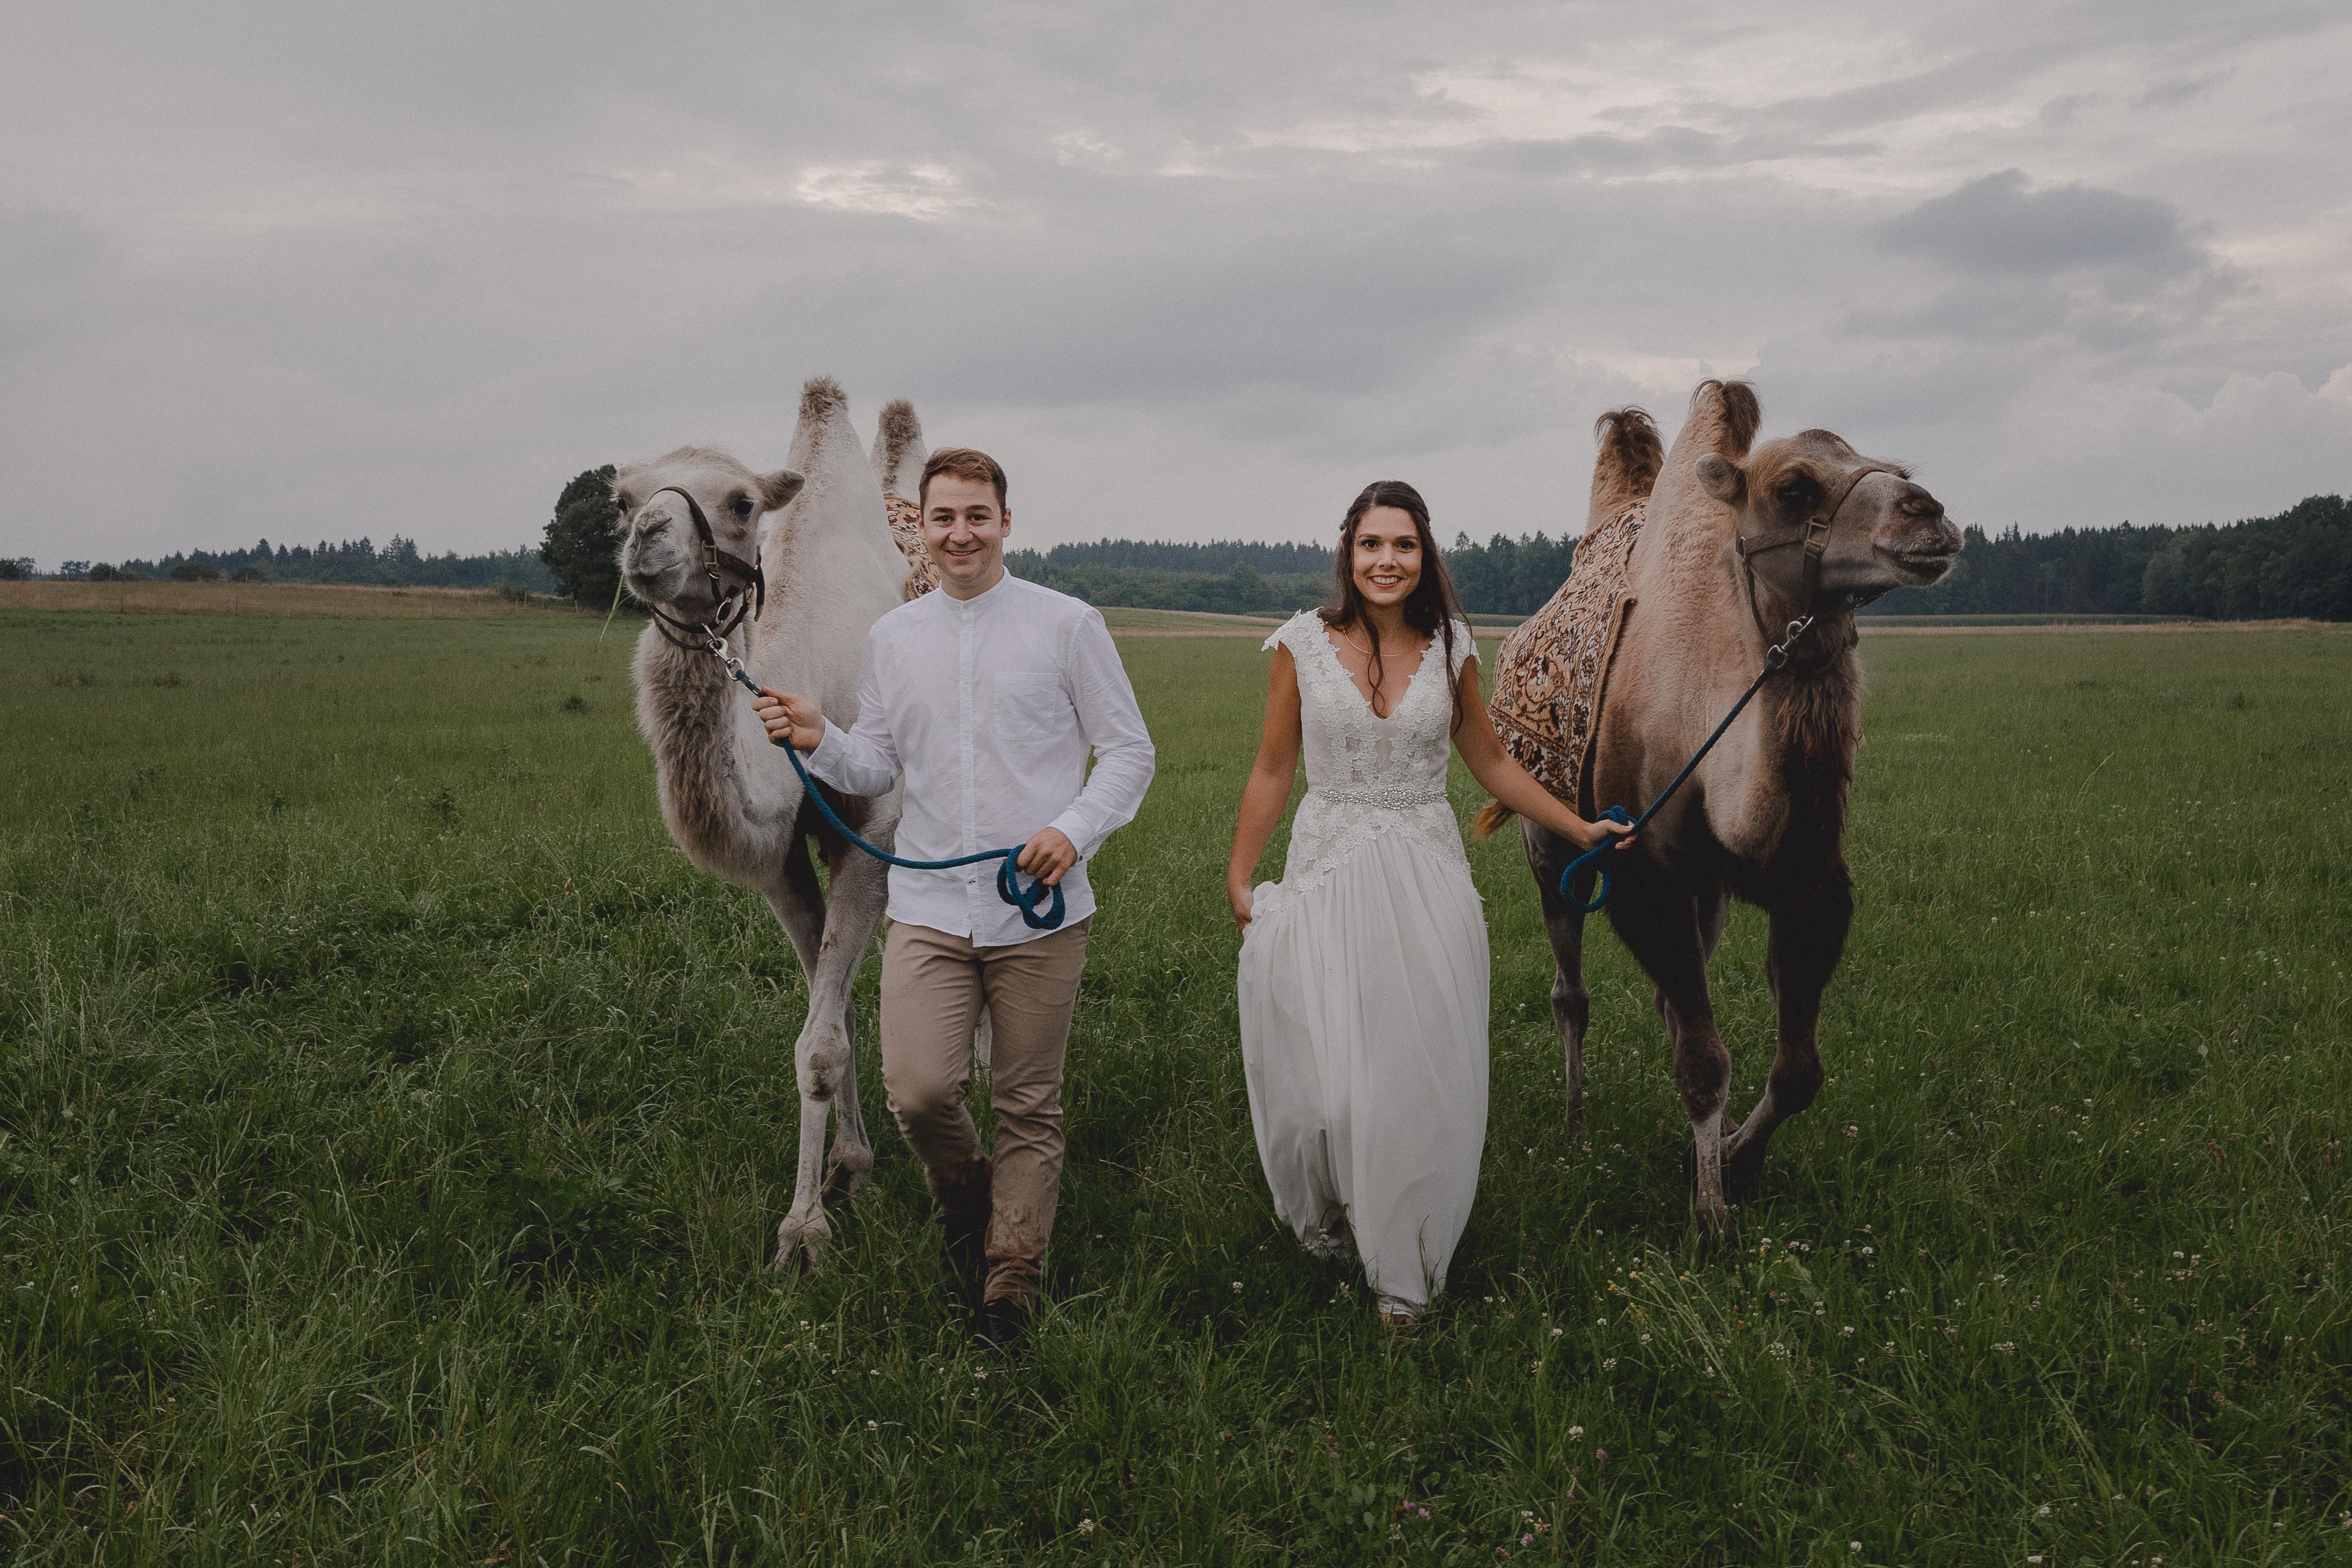 URBANERIE_Daniela_Goth_Vintage_Hochzeitsfotografin_Nuernberg_Fuerth_Erlangen_180721_0159